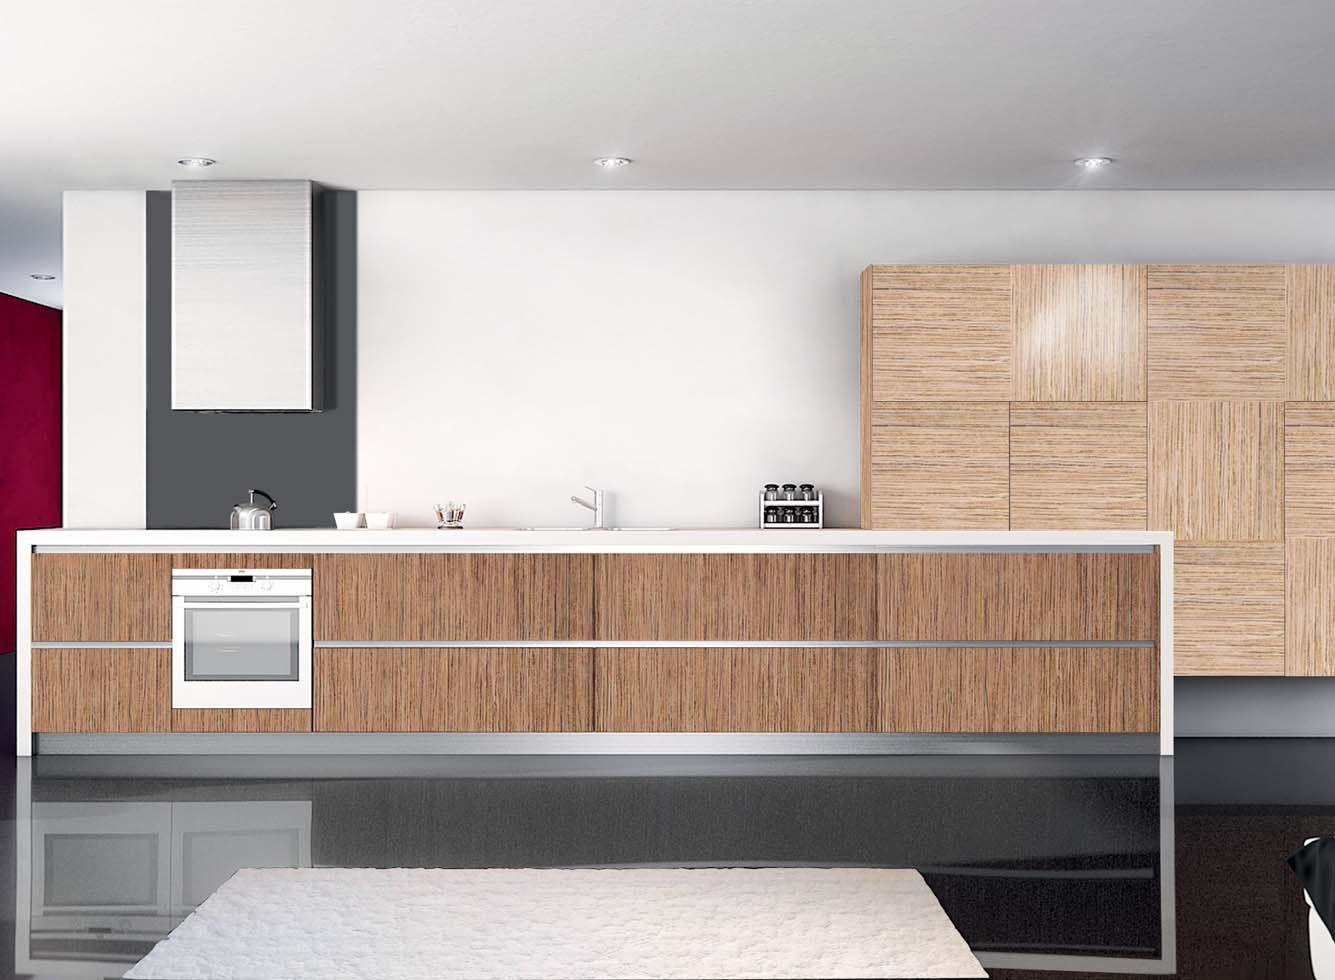 Cocina 73 cocinas capis dise o y fabricaci n de cocinas for Configurador cocinas